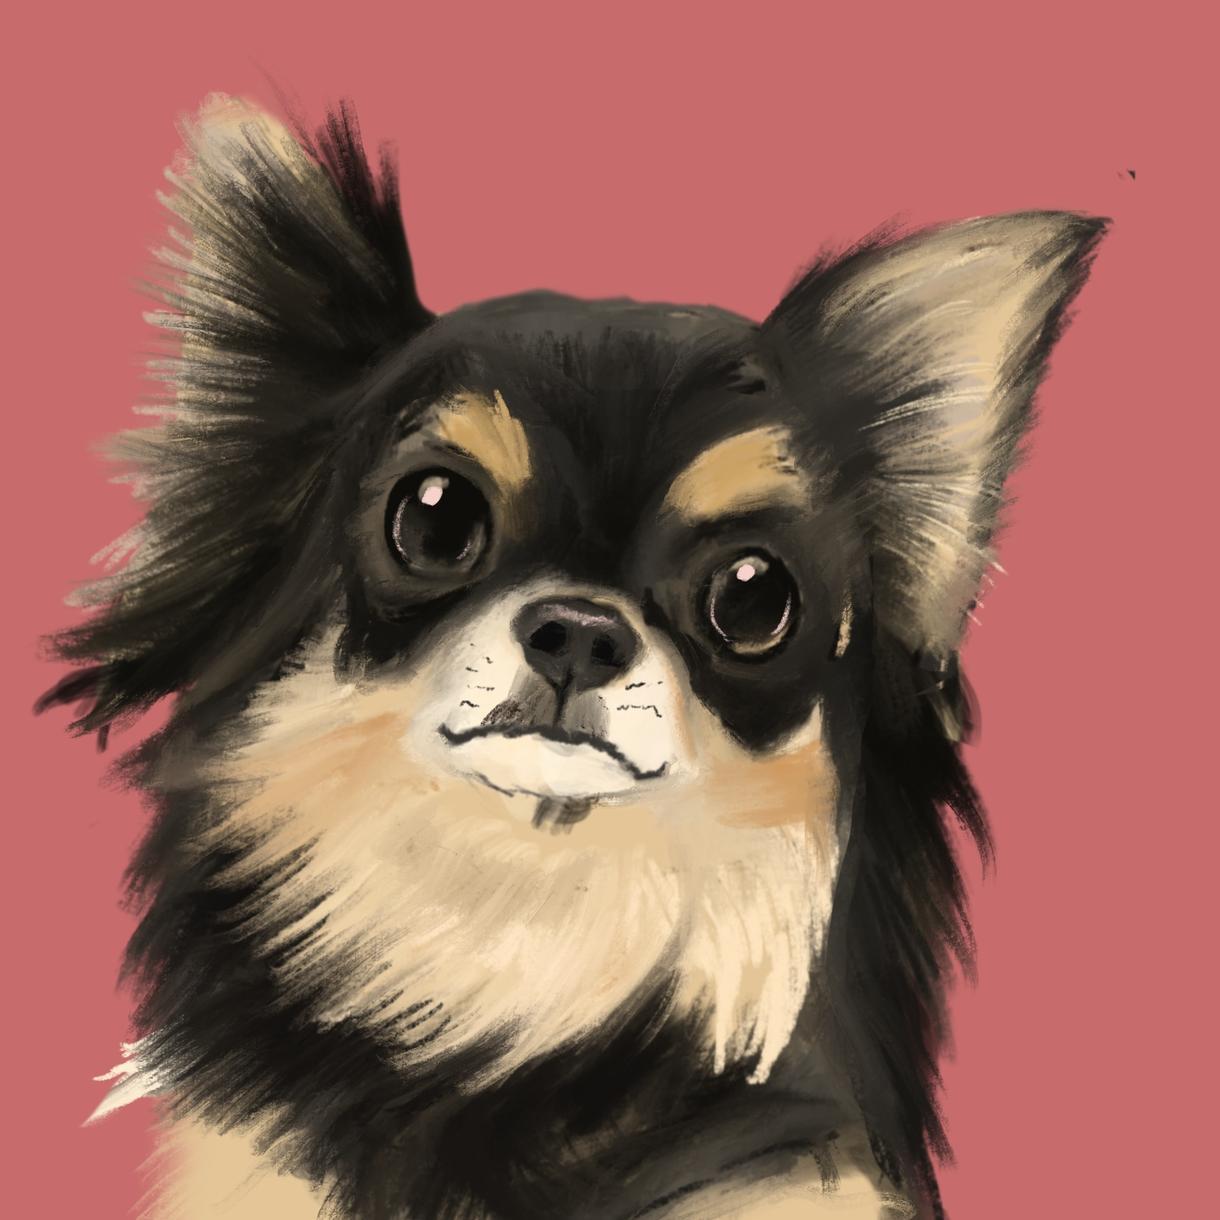 ペットの似顔絵を手描きタッチで短時間でお描きします 土日・平日夜間の対応も可能、スピード納品できます イメージ1